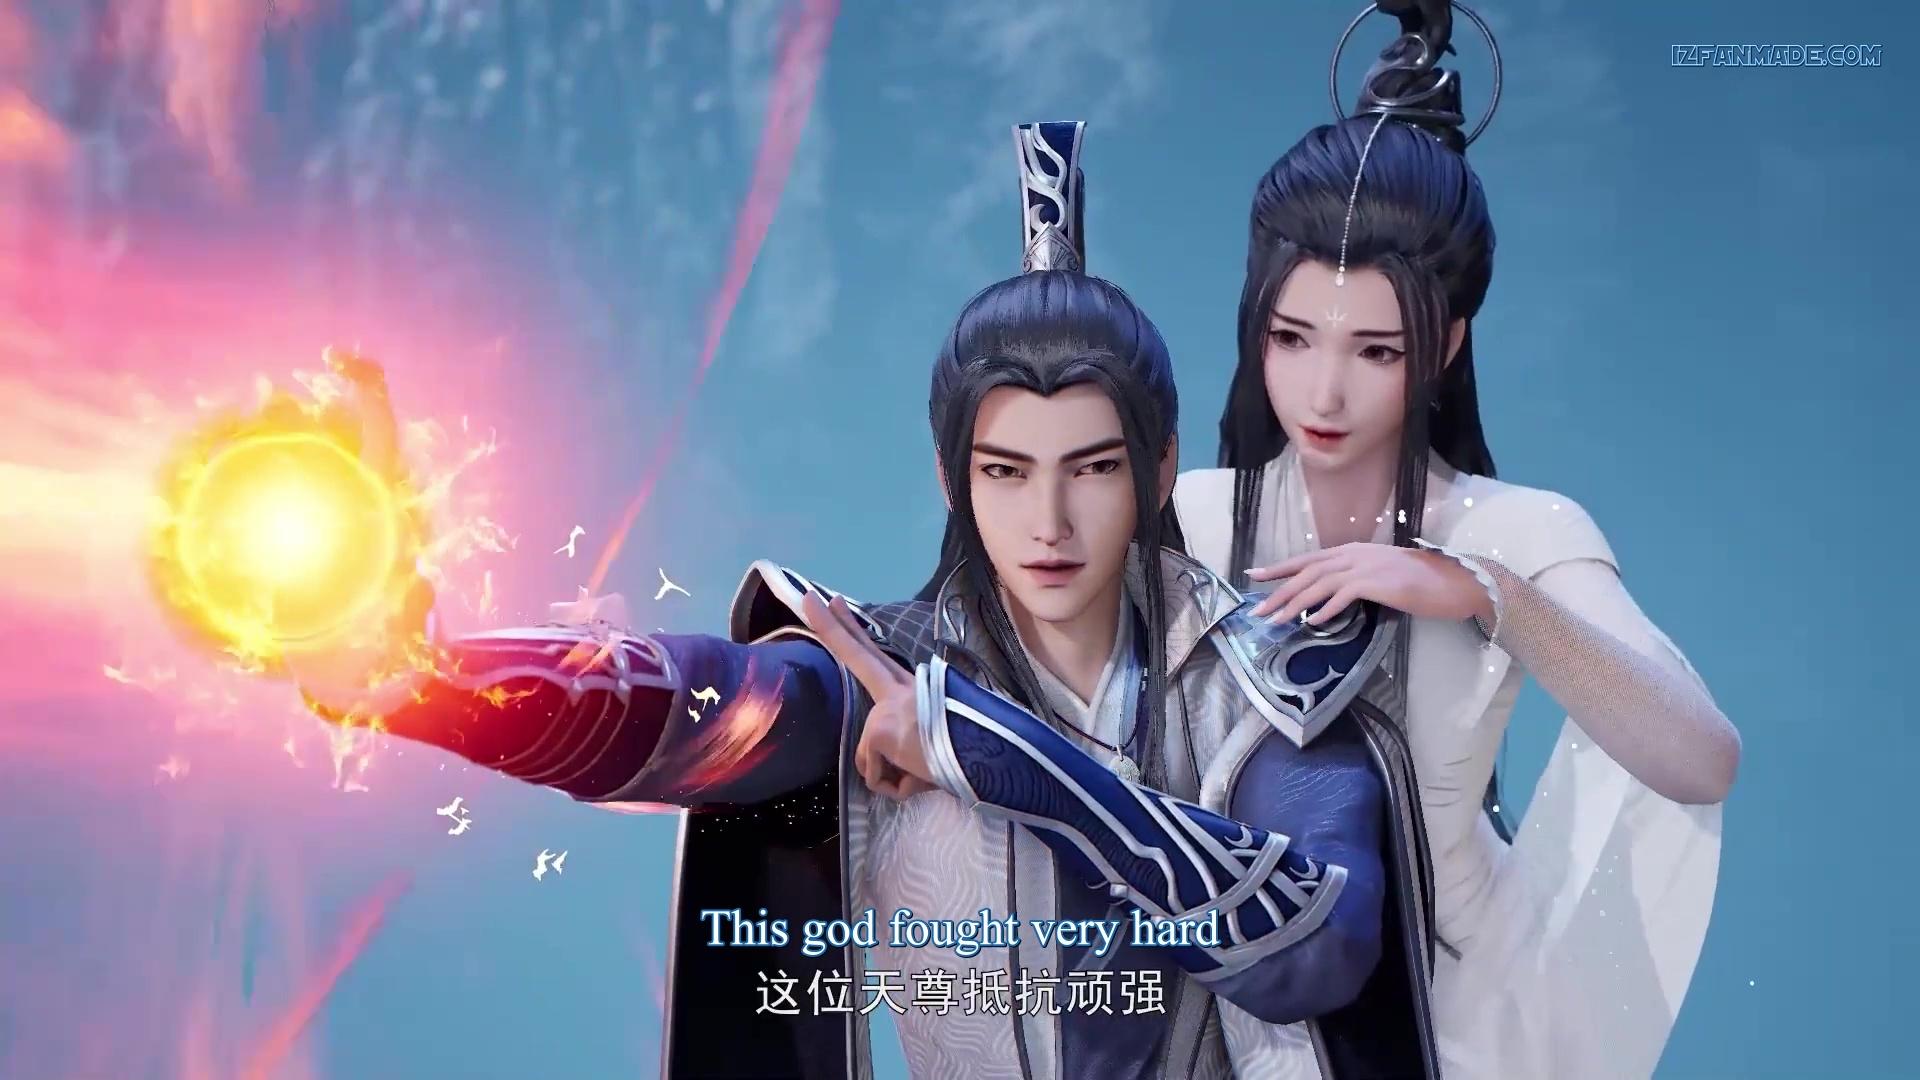 Wan Jie Du Zun - Ten Thousand Worlds (chinese anime donghua ) episode 12 english sub